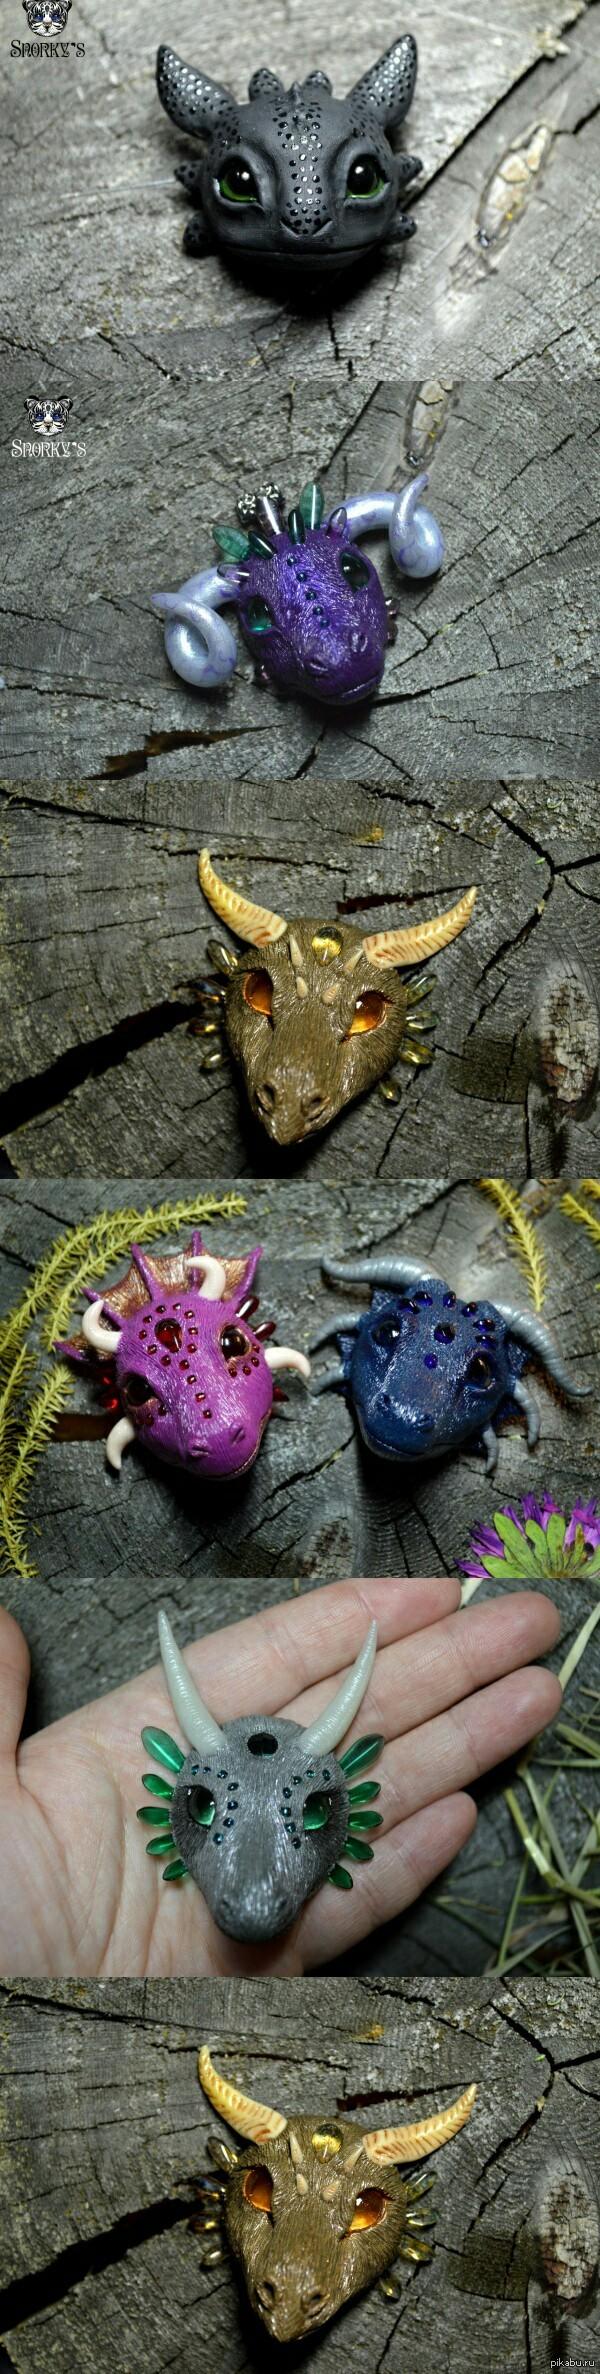 Ну и как же без драконов? ))) Ручная работа из полимерной глины) броши и кулоны